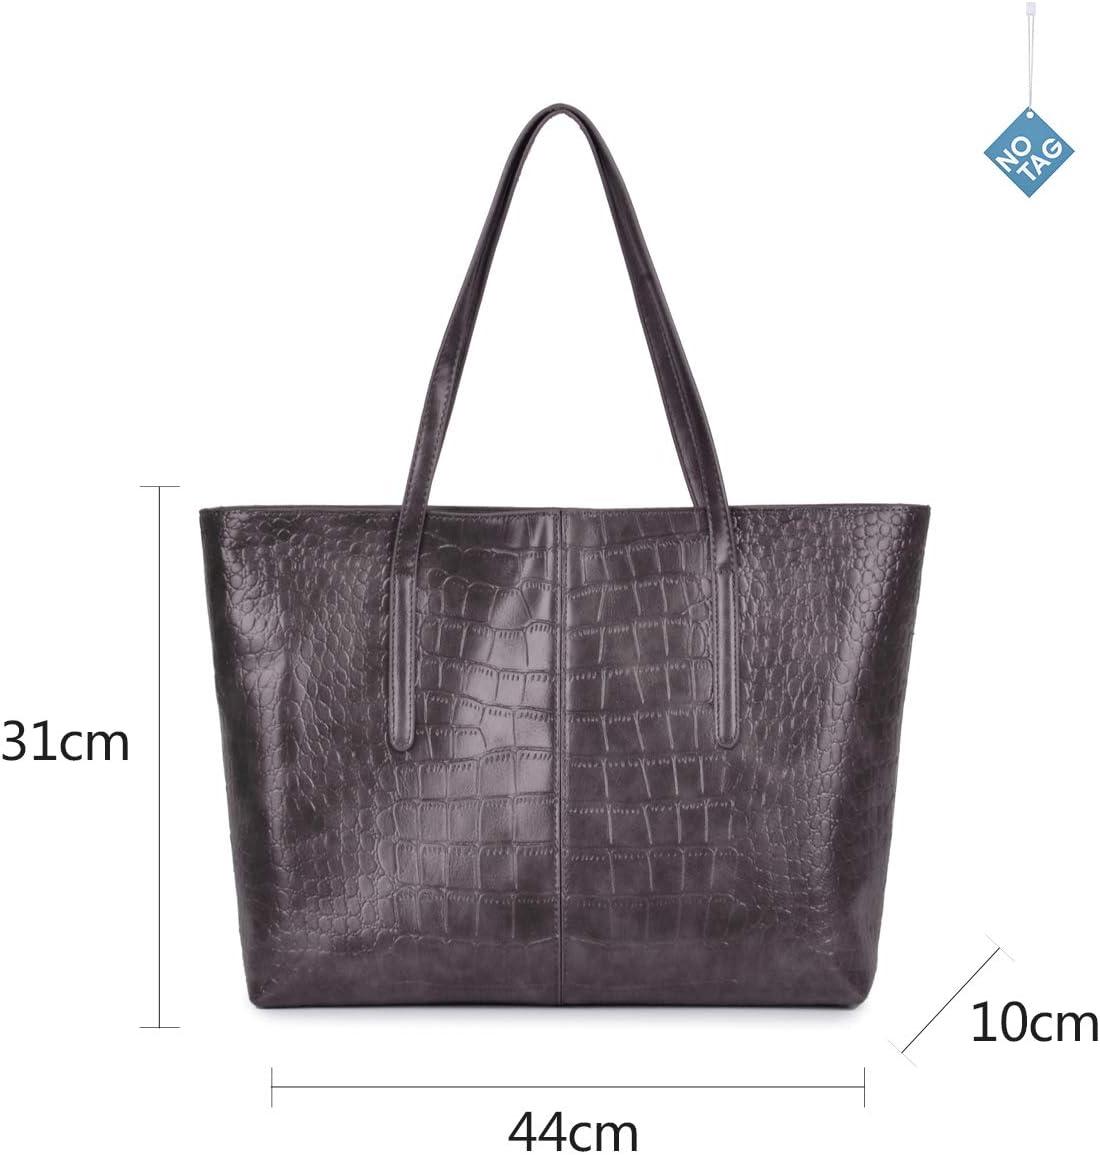 NOTAG Sac Cabas Femme Grande Capacit/é Sac /à Main en Cuir PU Sac d/Épaule pour Shopping Gris